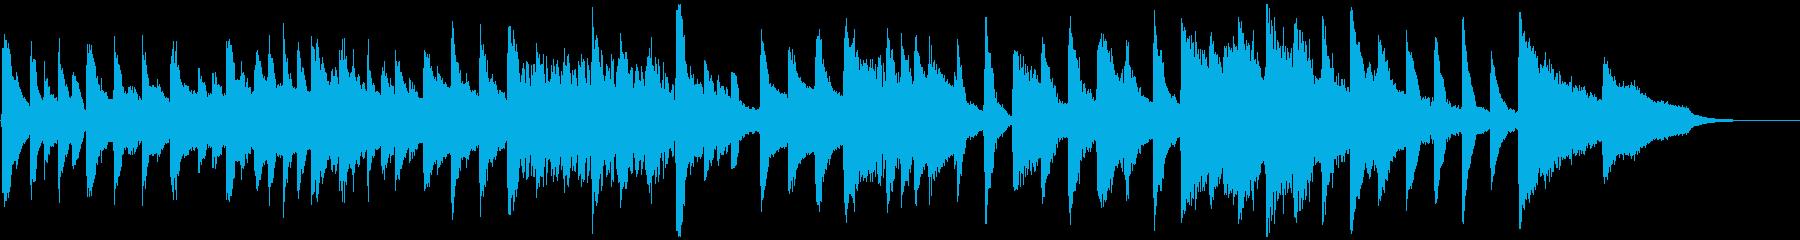 子供向け教育番組をイメージしたBGMの再生済みの波形